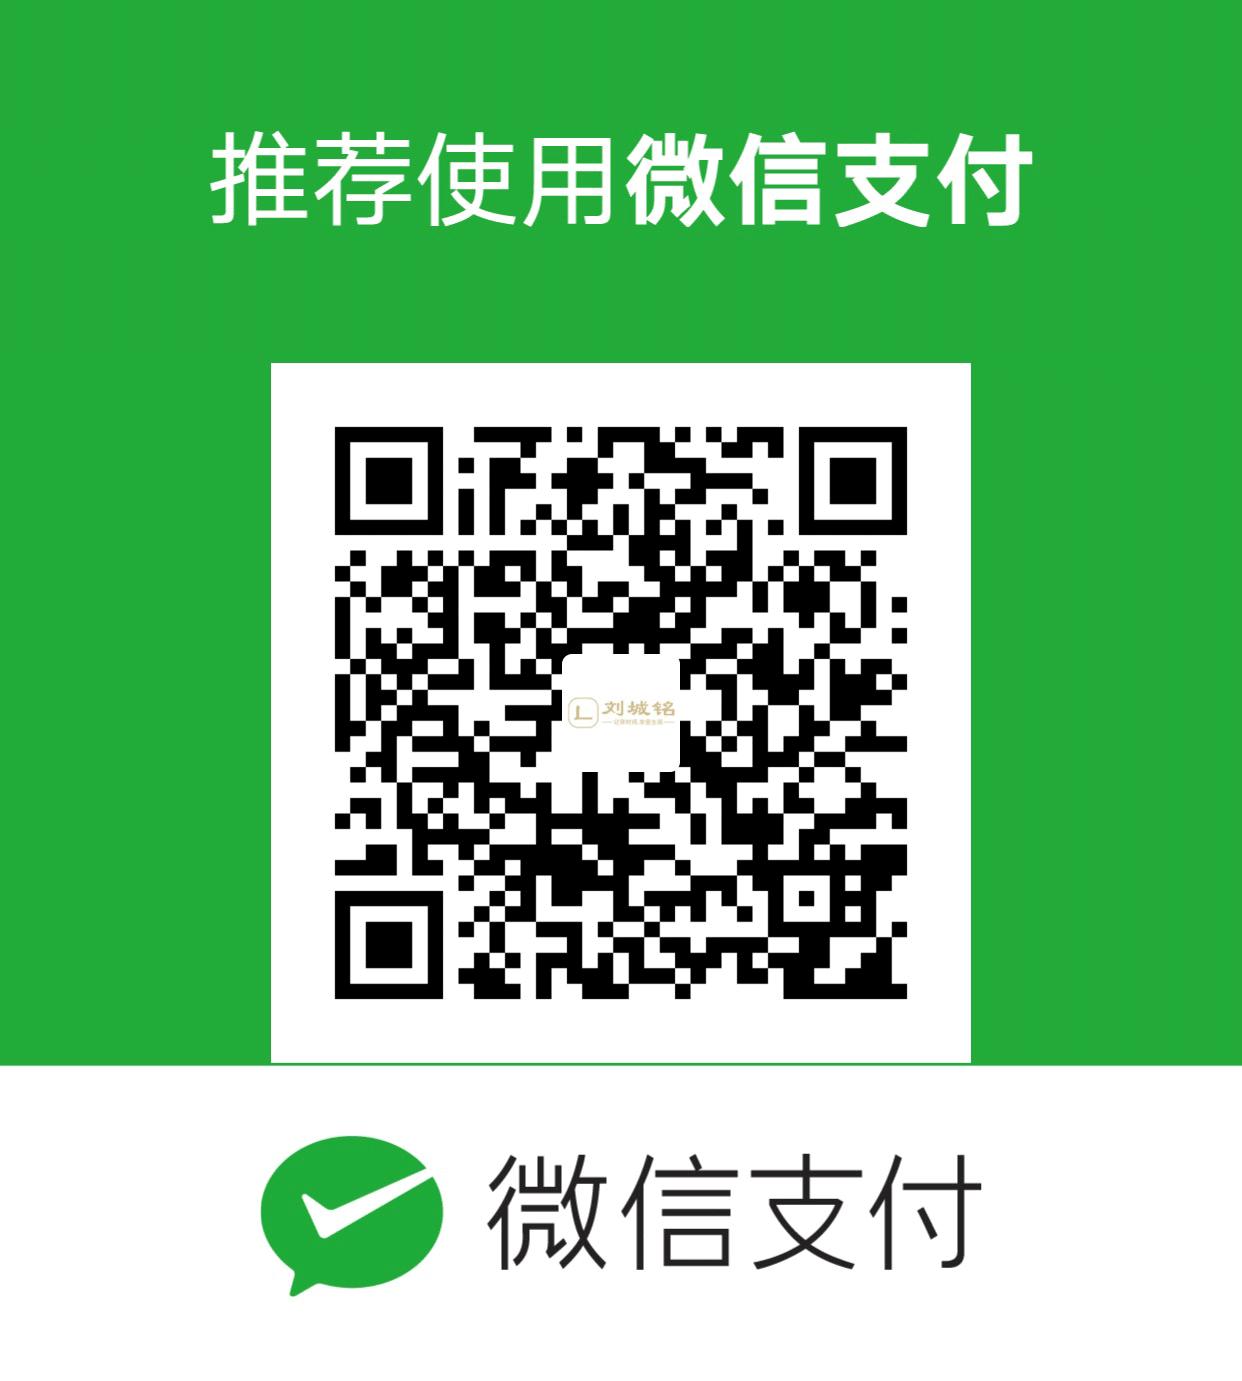 刘城铭聊创业